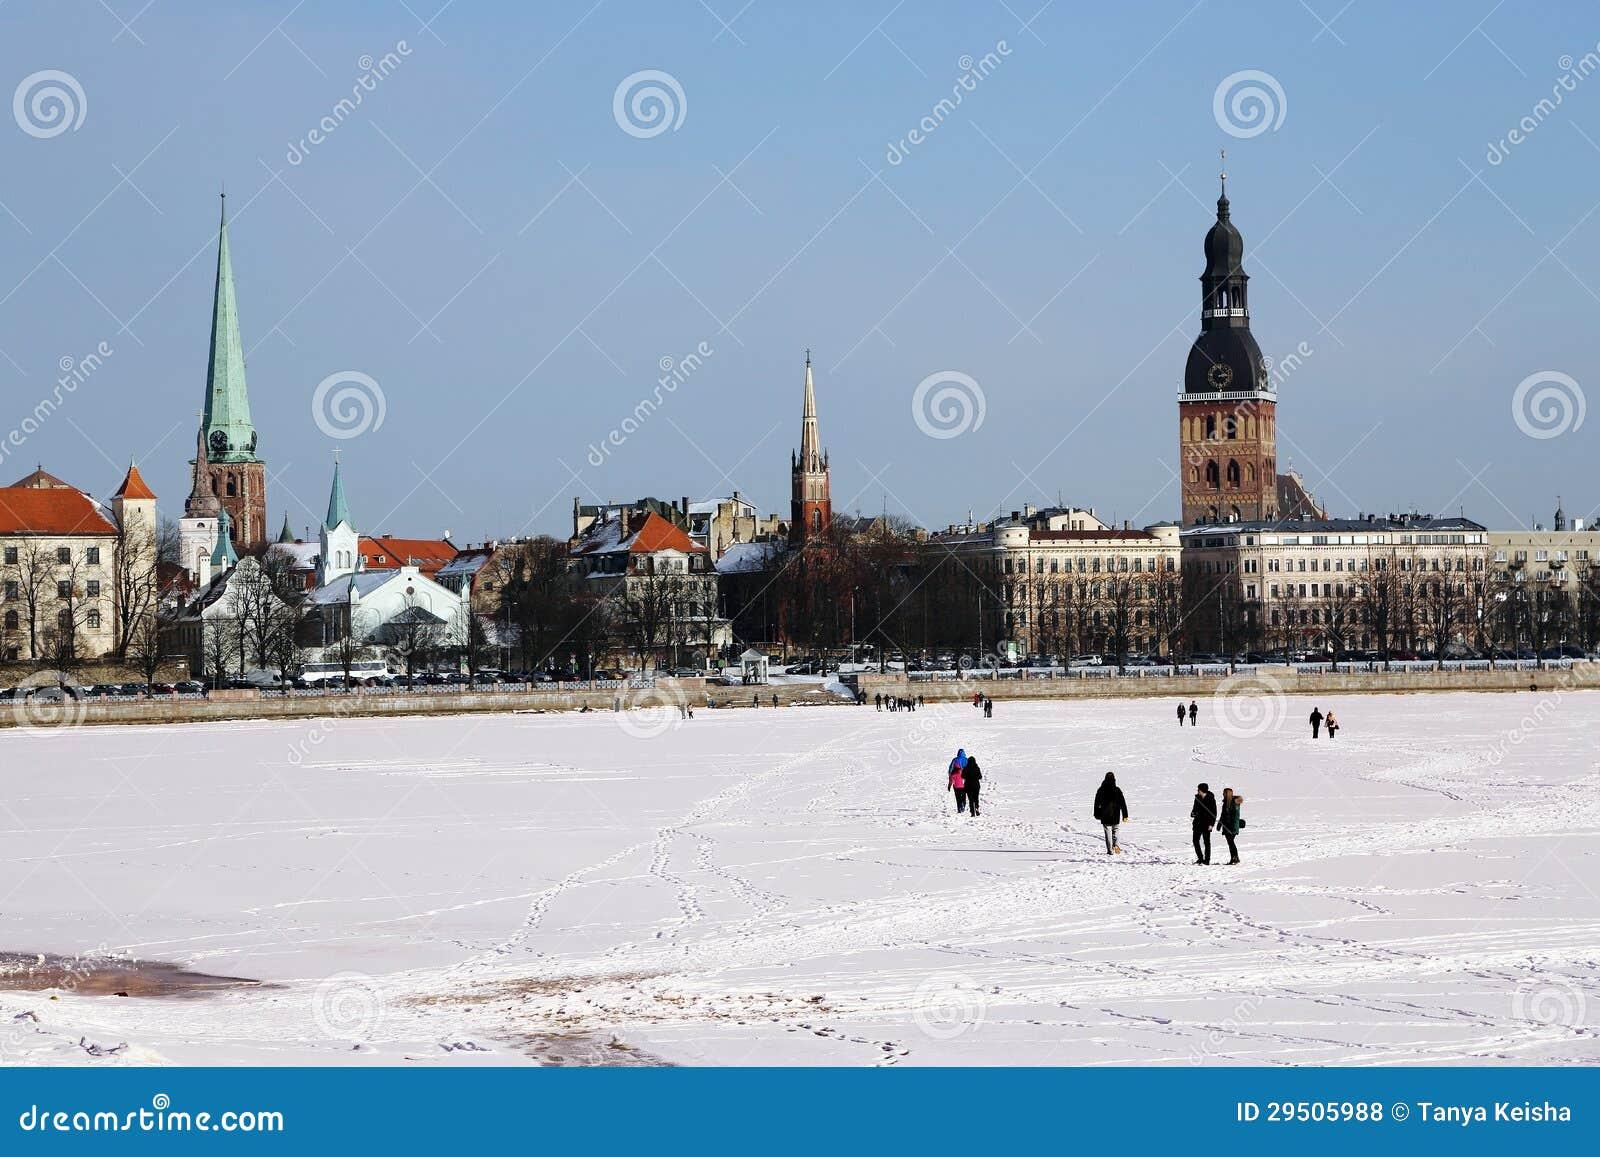 Panorama van Oude Stad van de snow-bound rivier Daugava.